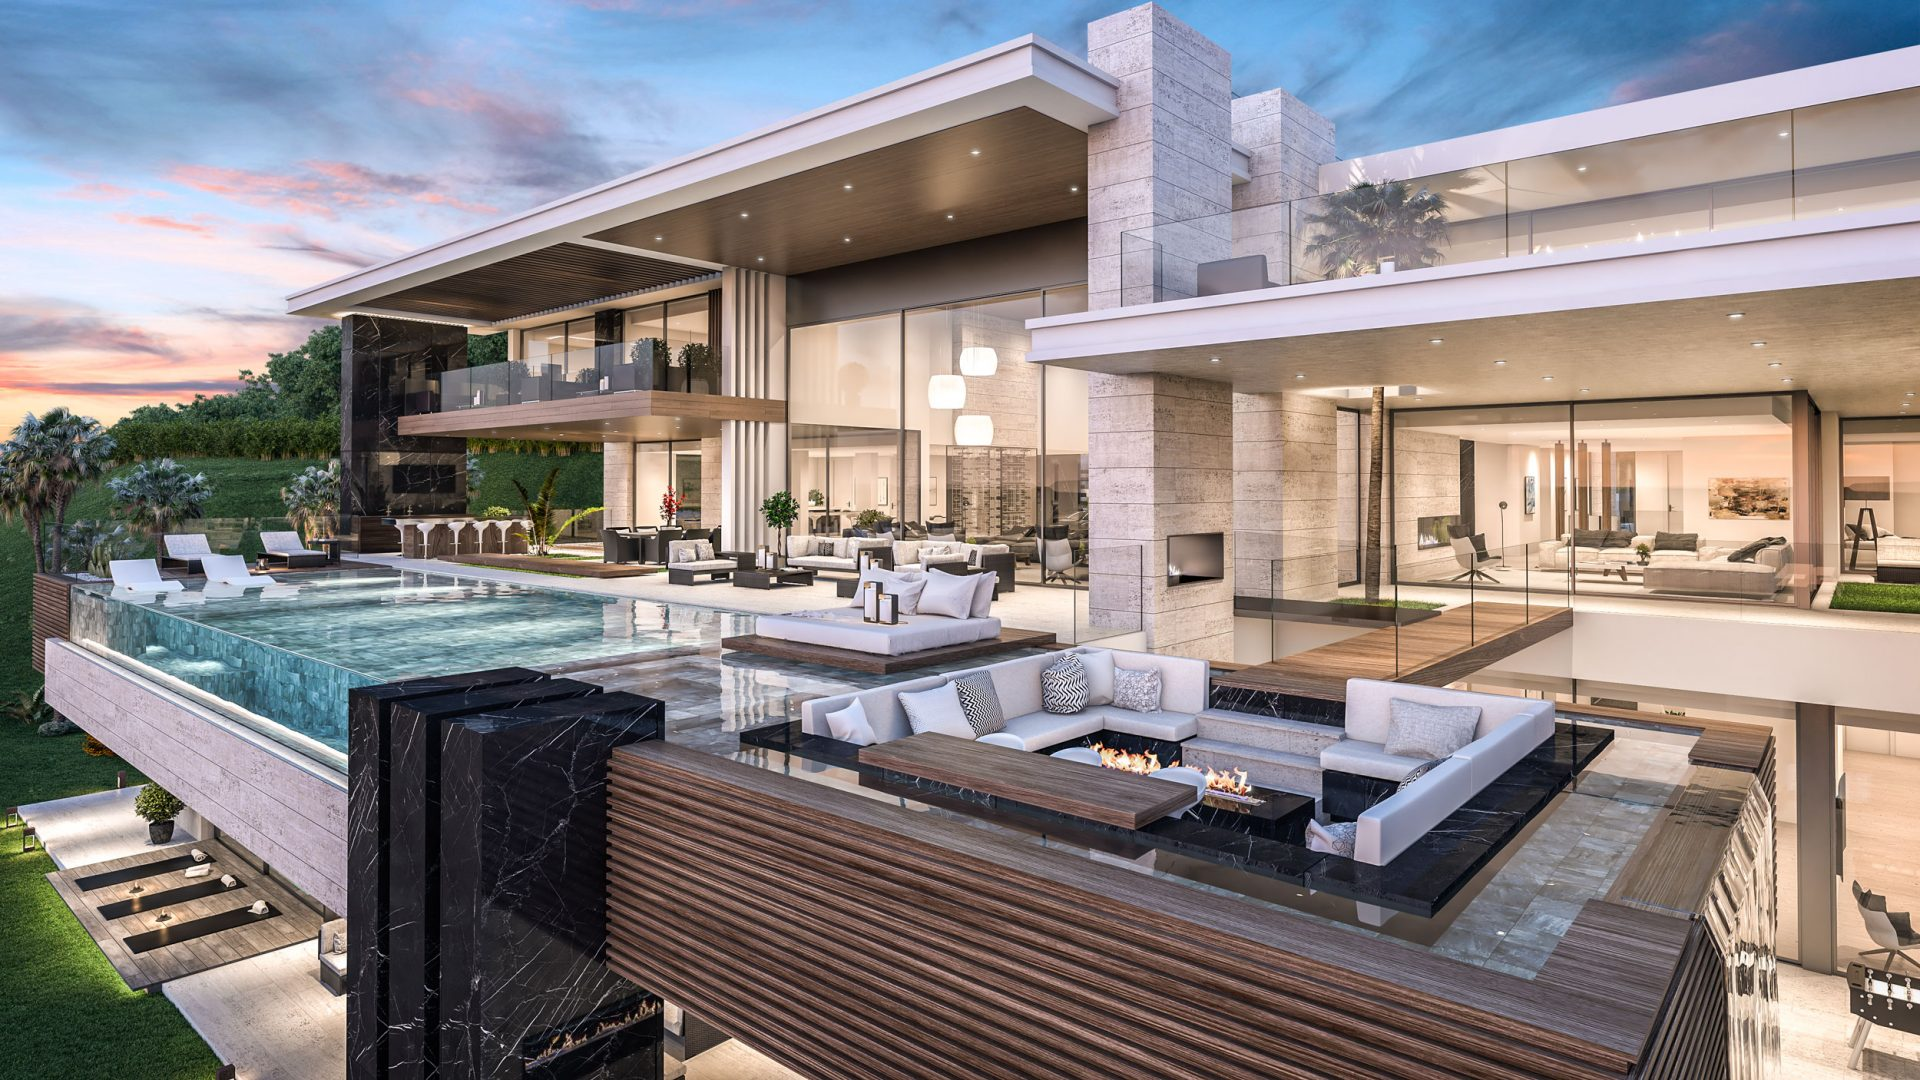 new-architecture-design-luxuryvilla-zagaleta-marbella-05